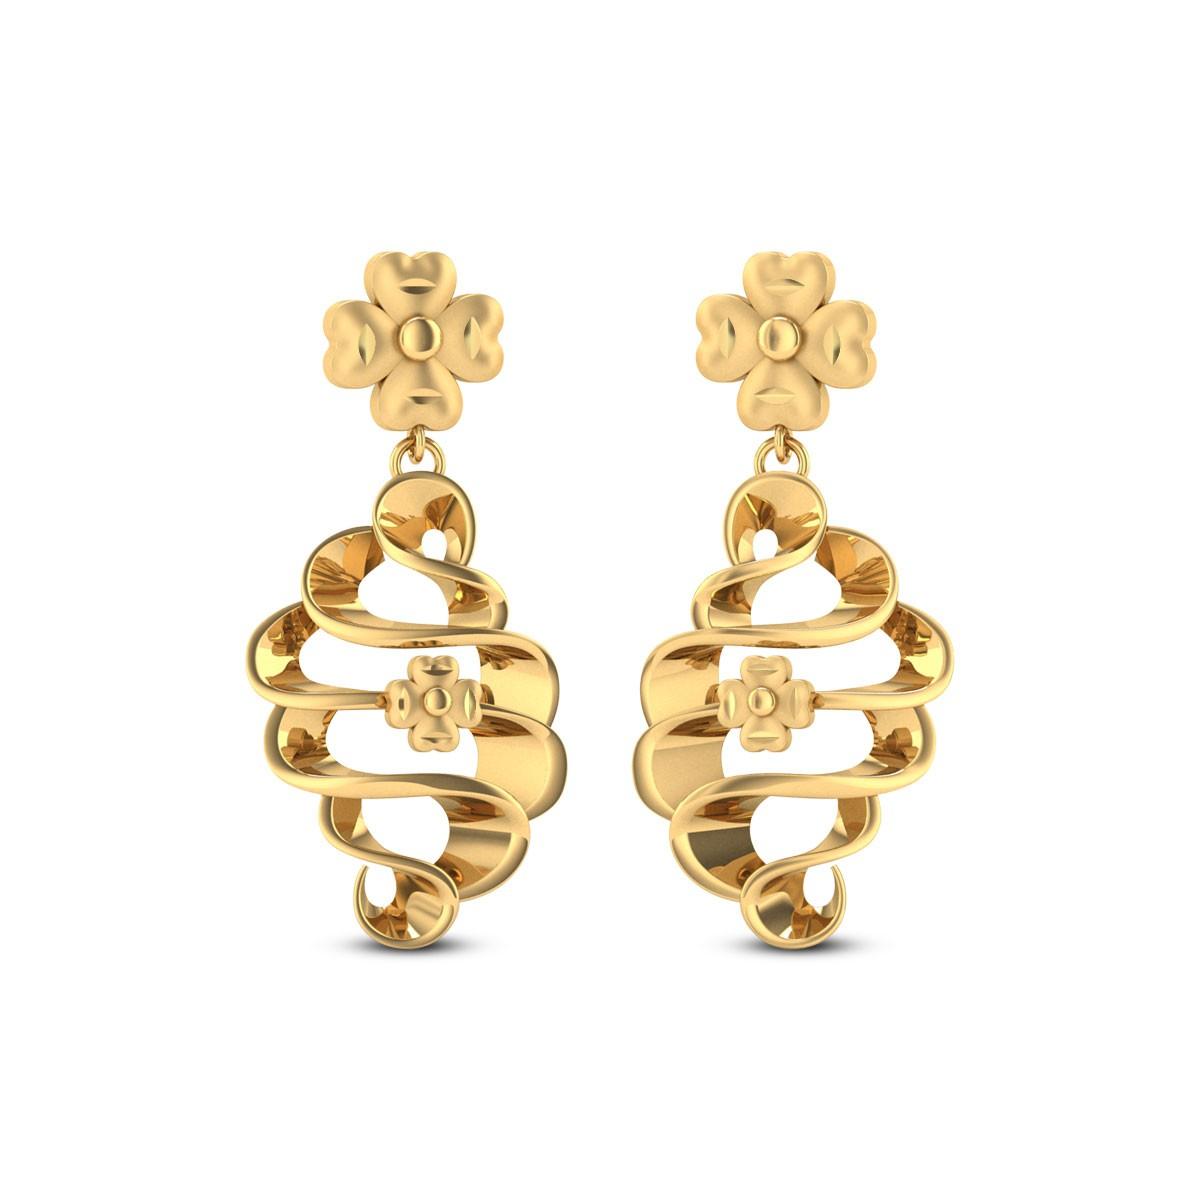 Buy Floral Twist 5.01 Gms Gold Earrings Online